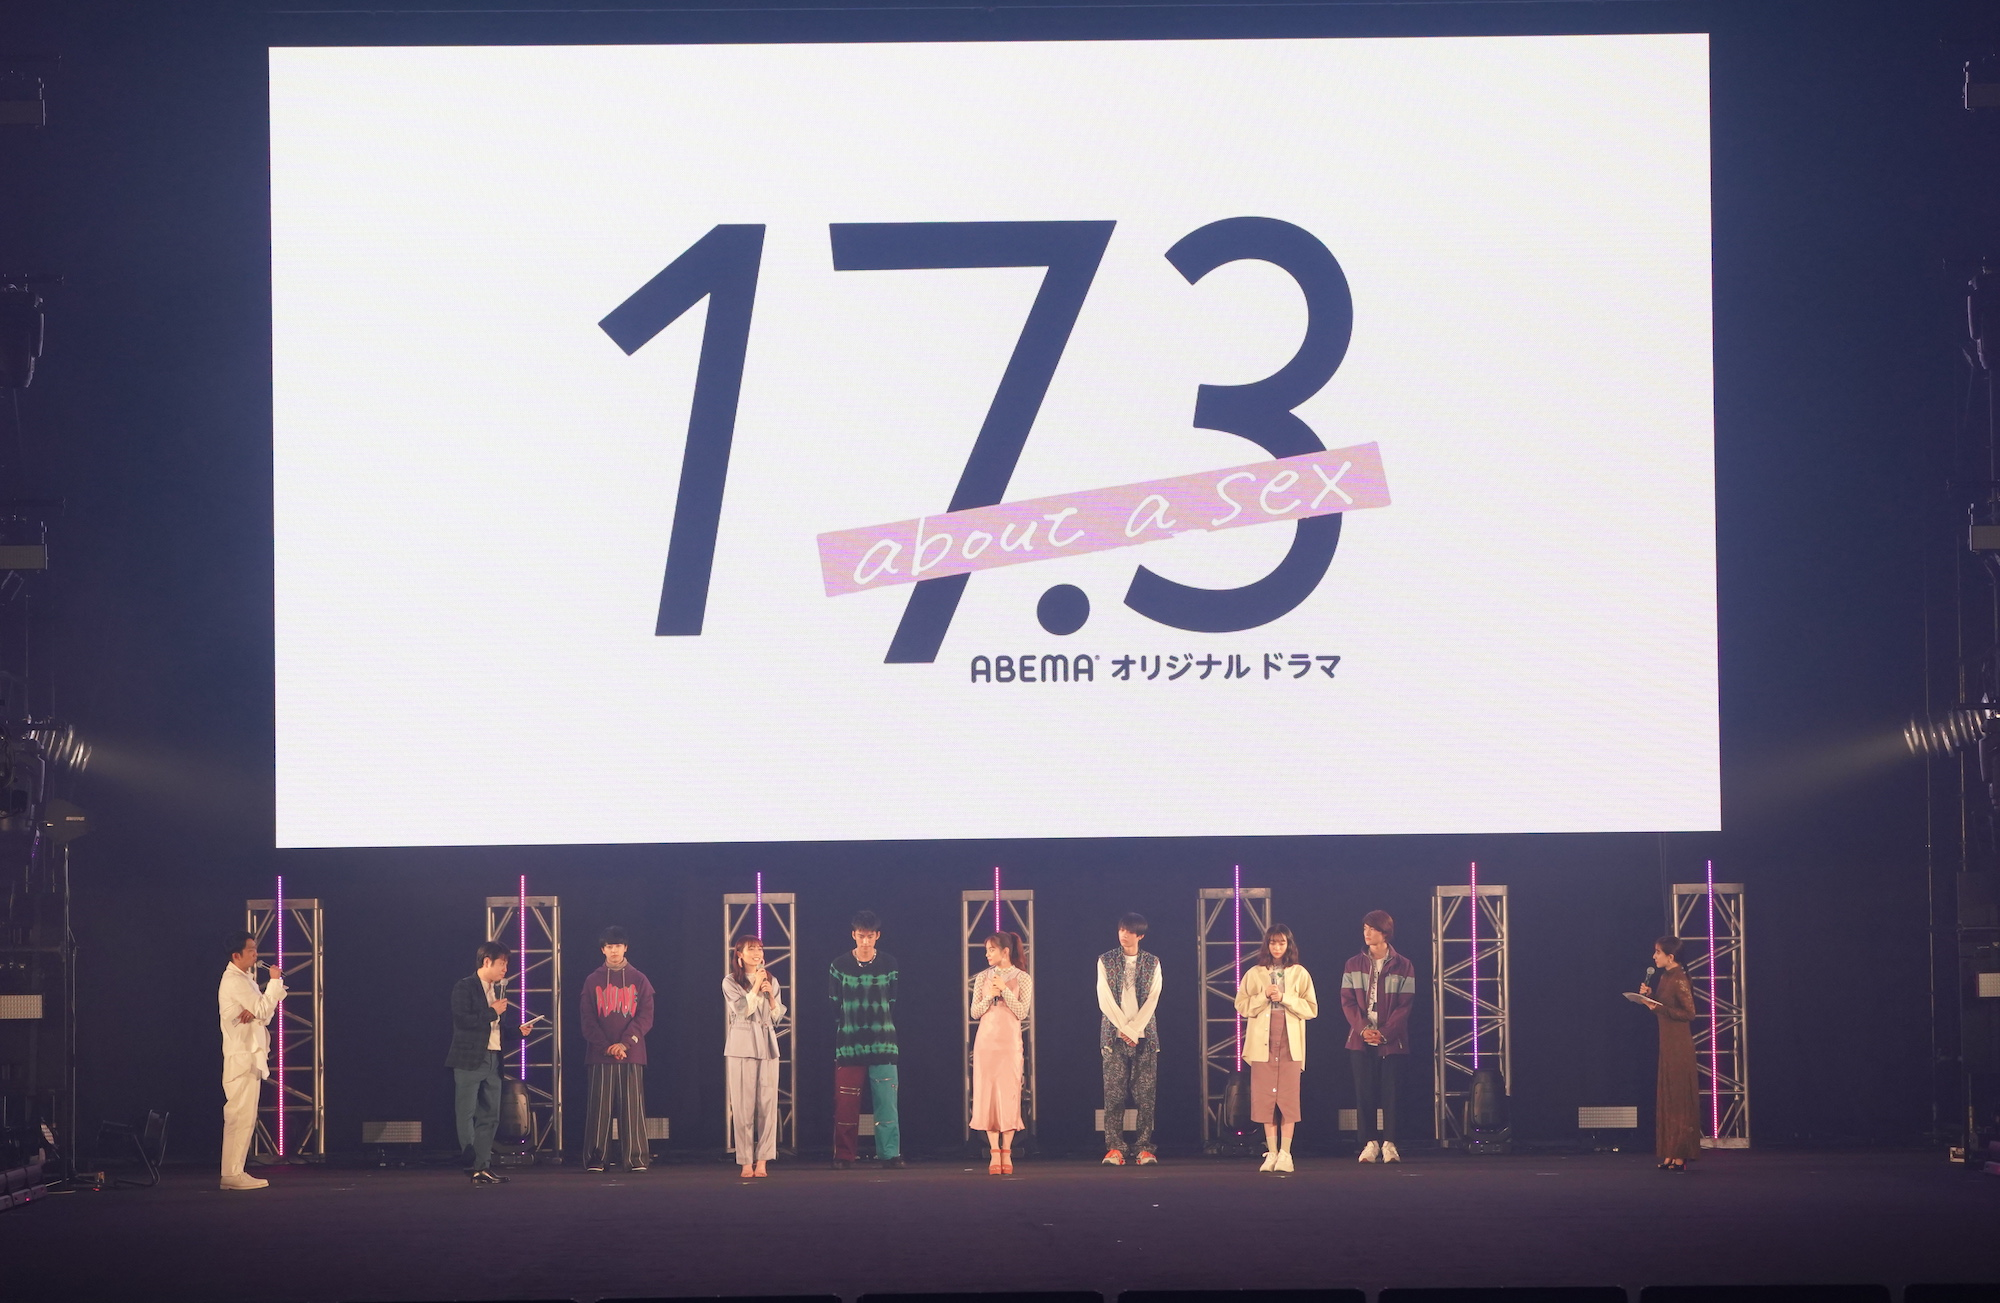 主演の永瀬莉子、田鍋梨々花、秋田汐梨ほか次世代を担う若手俳優陣7名が集結